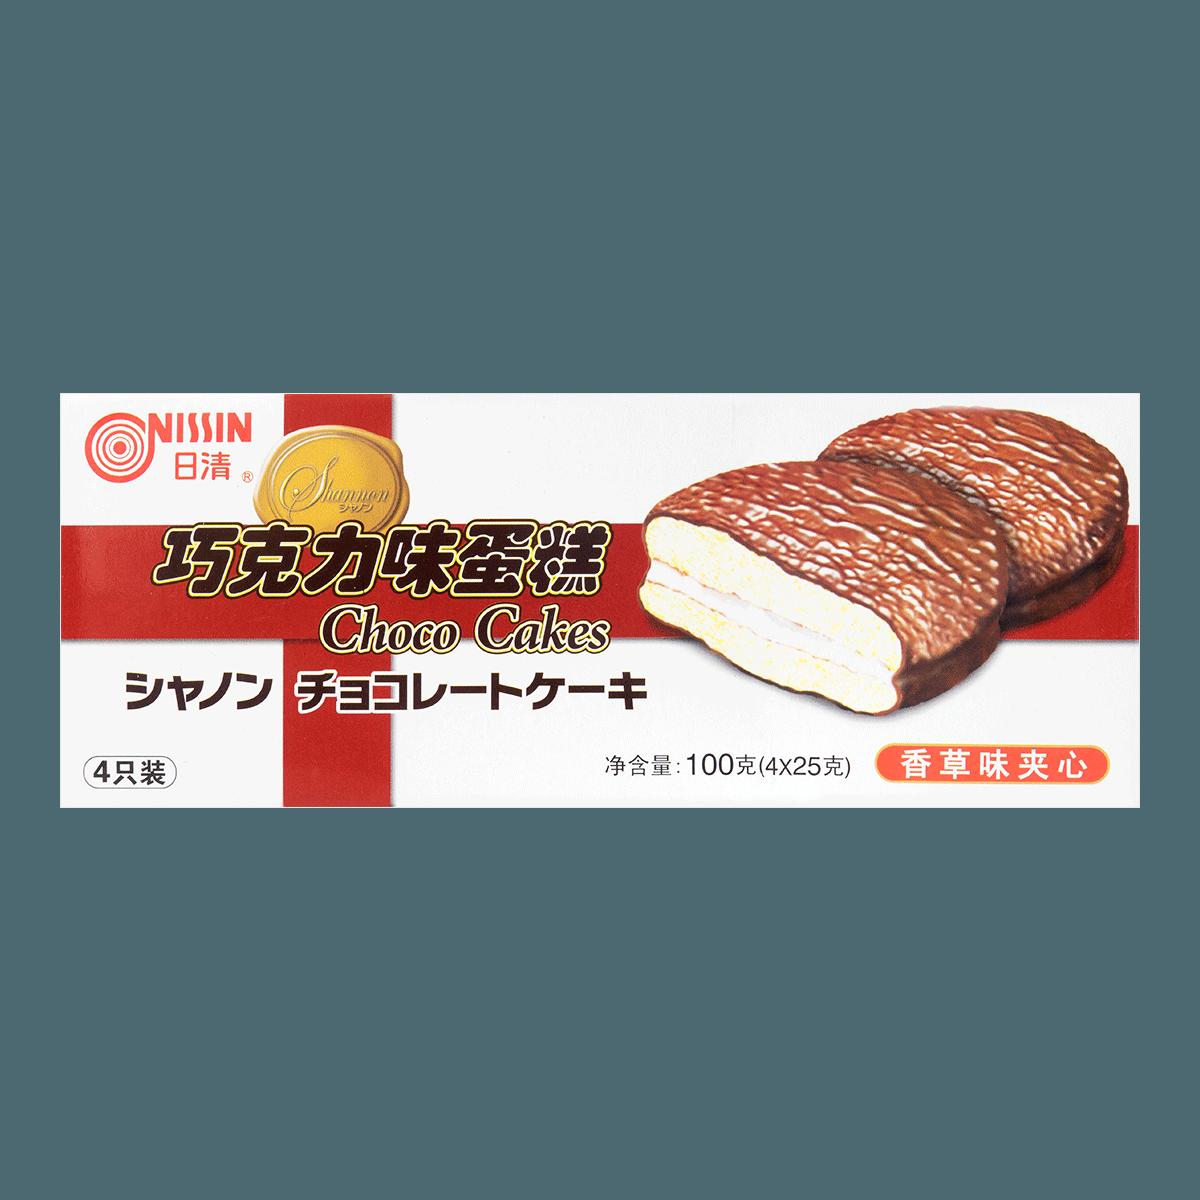 日本NISSIN日清 巧克力味蛋糕 香草味夹心 4只装 100g